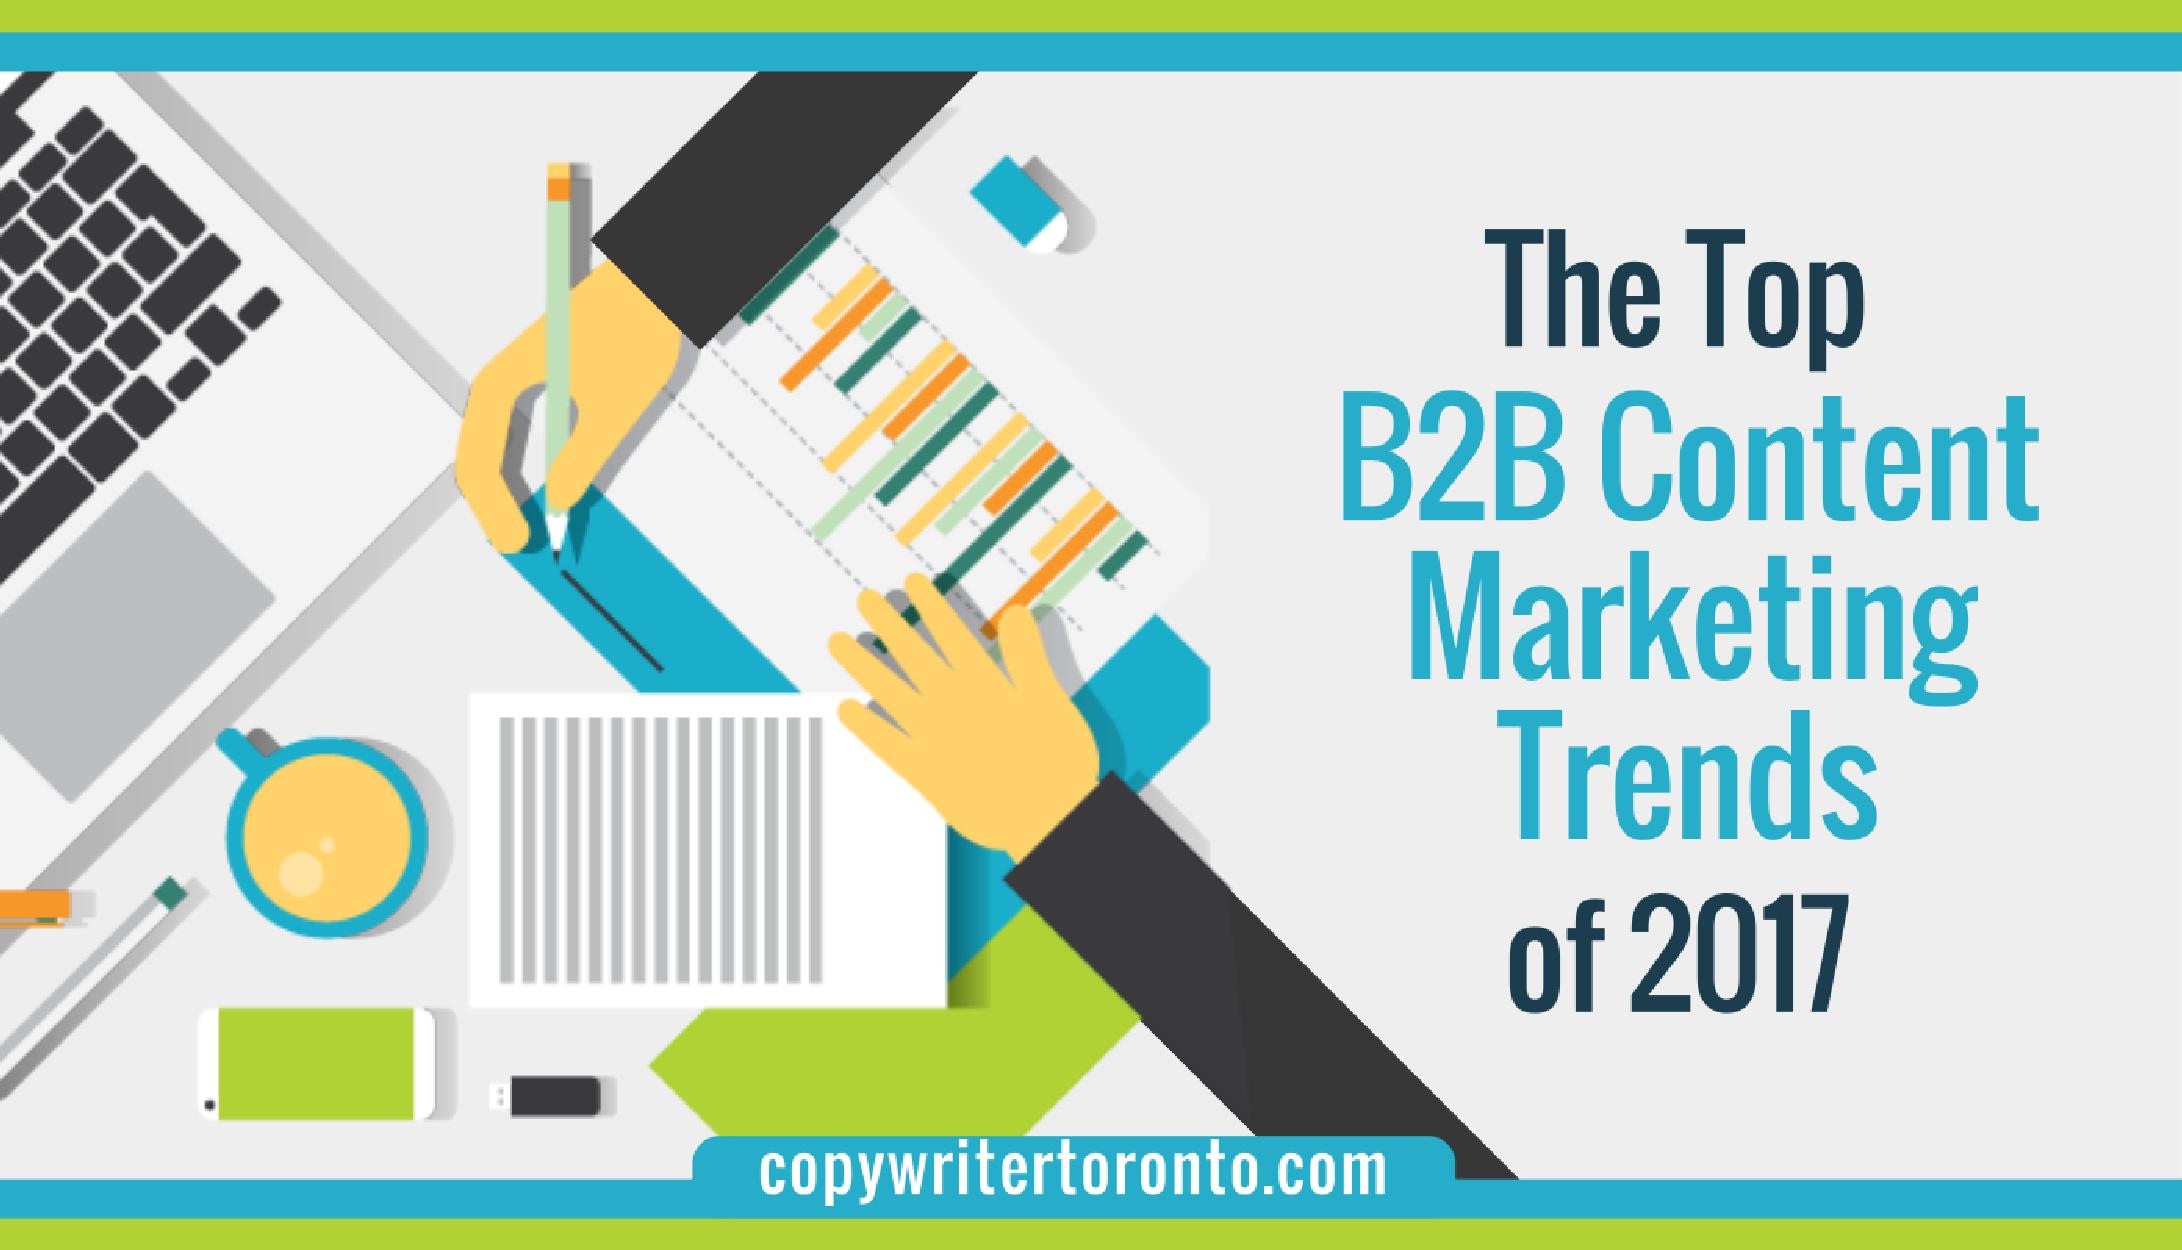 2017 B2B Marketing Trends